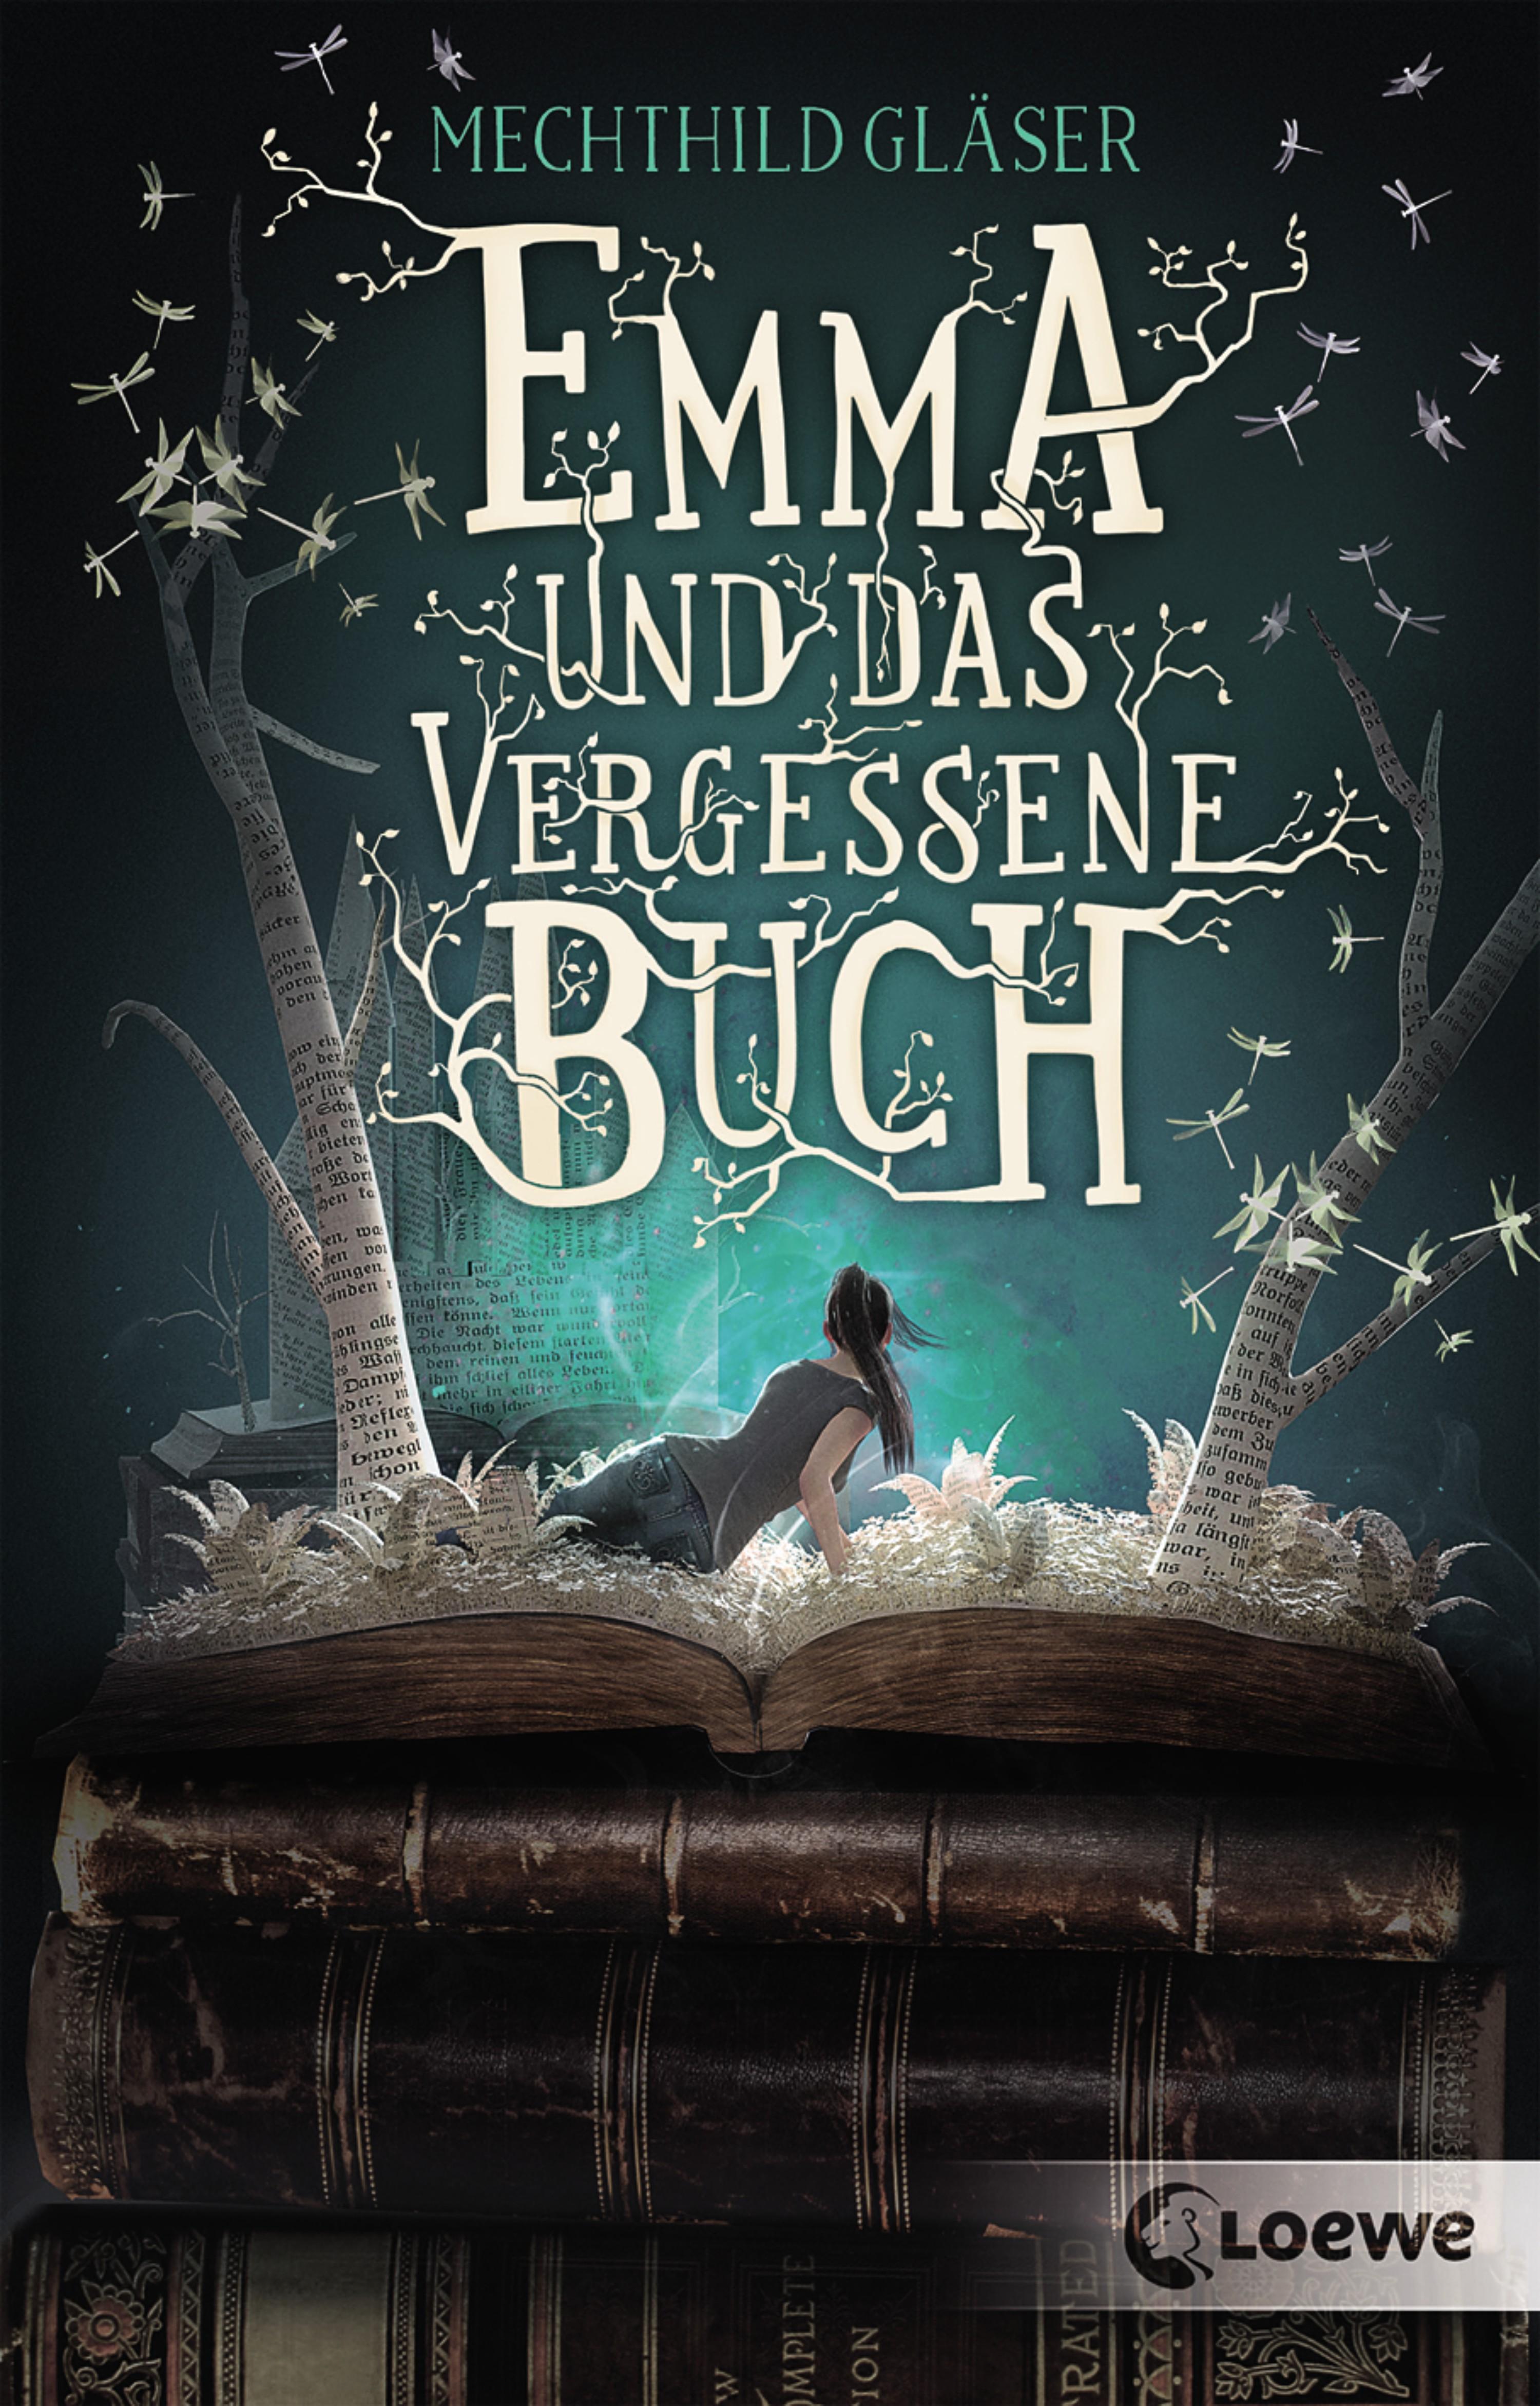 цена Mechthild Glaser Emma und das vergessene Buch онлайн в 2017 году